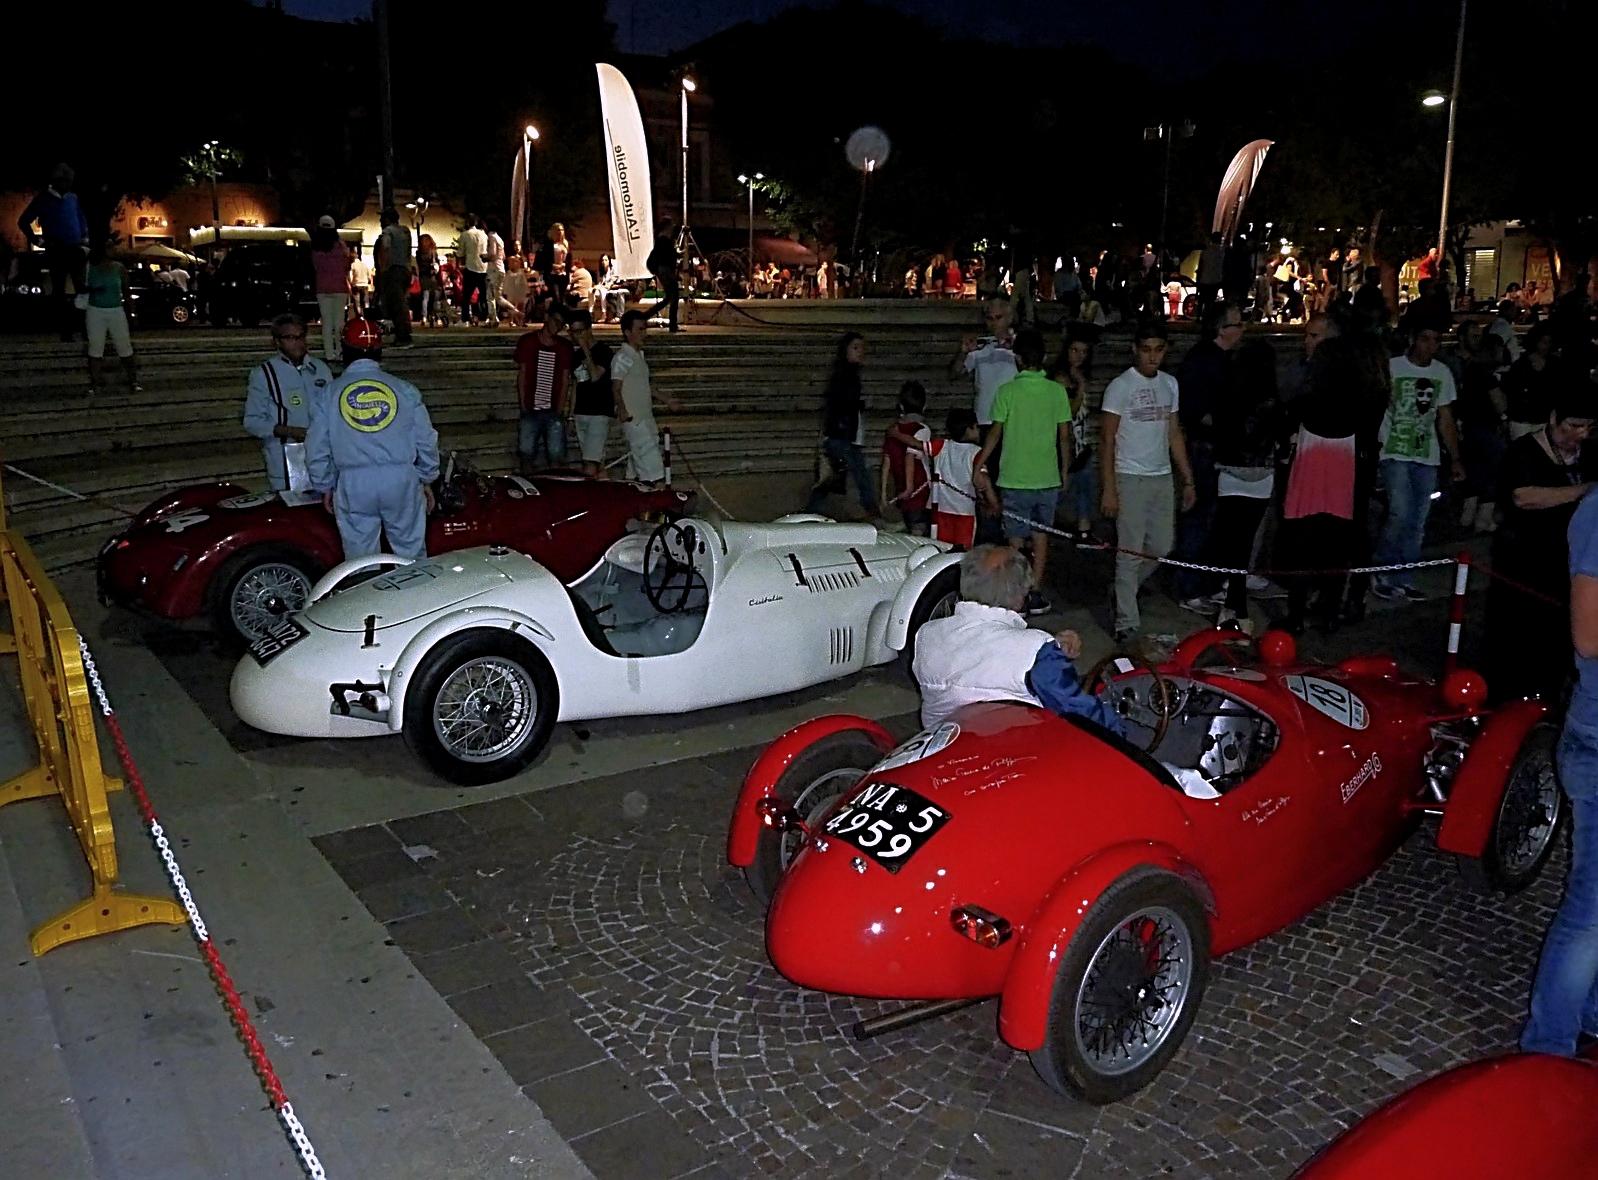 Circuito di Avezzano 2015 (383)_Fotor